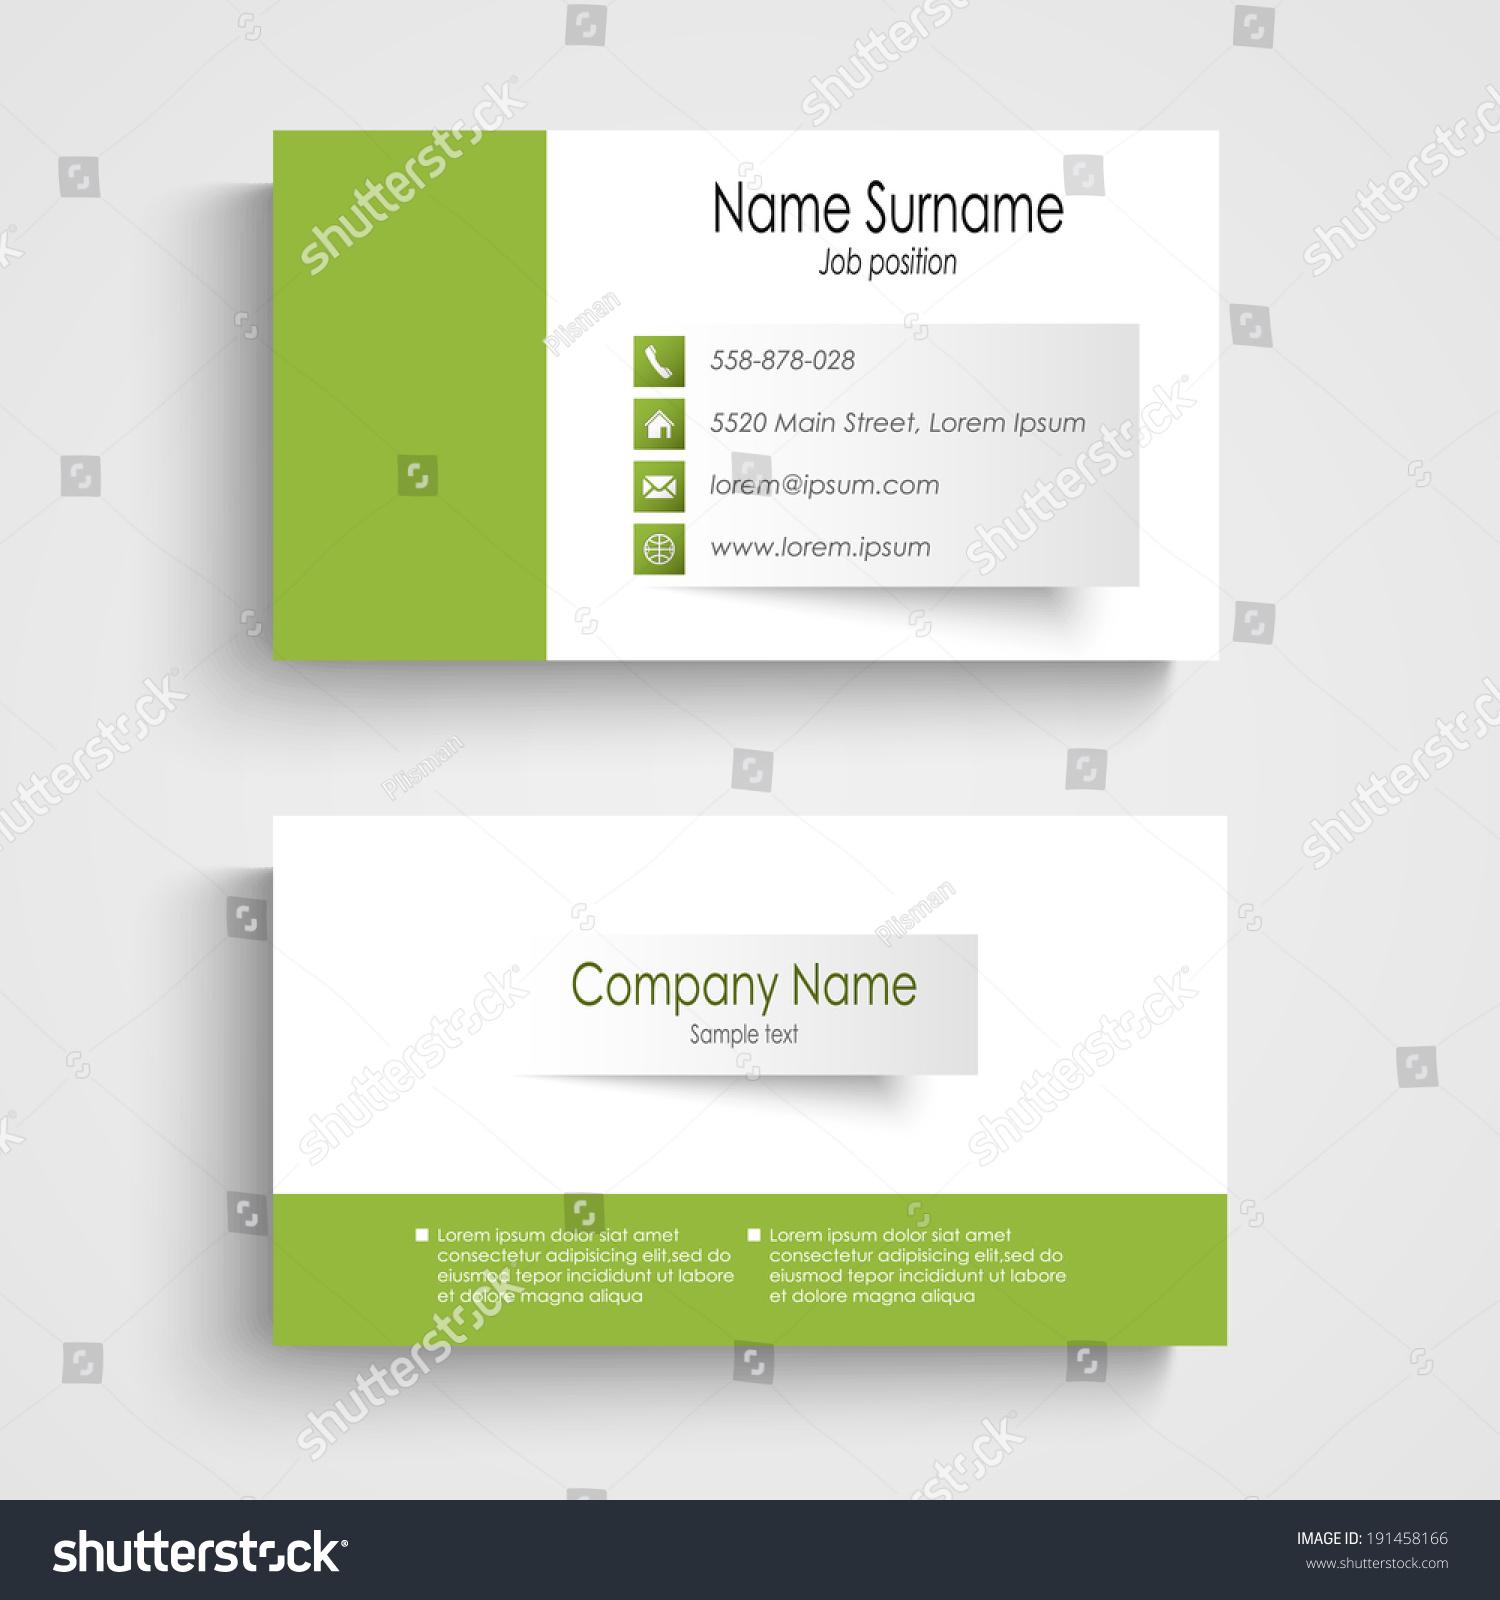 Modern Green Business Card Template Stock Vector 191458166 ...